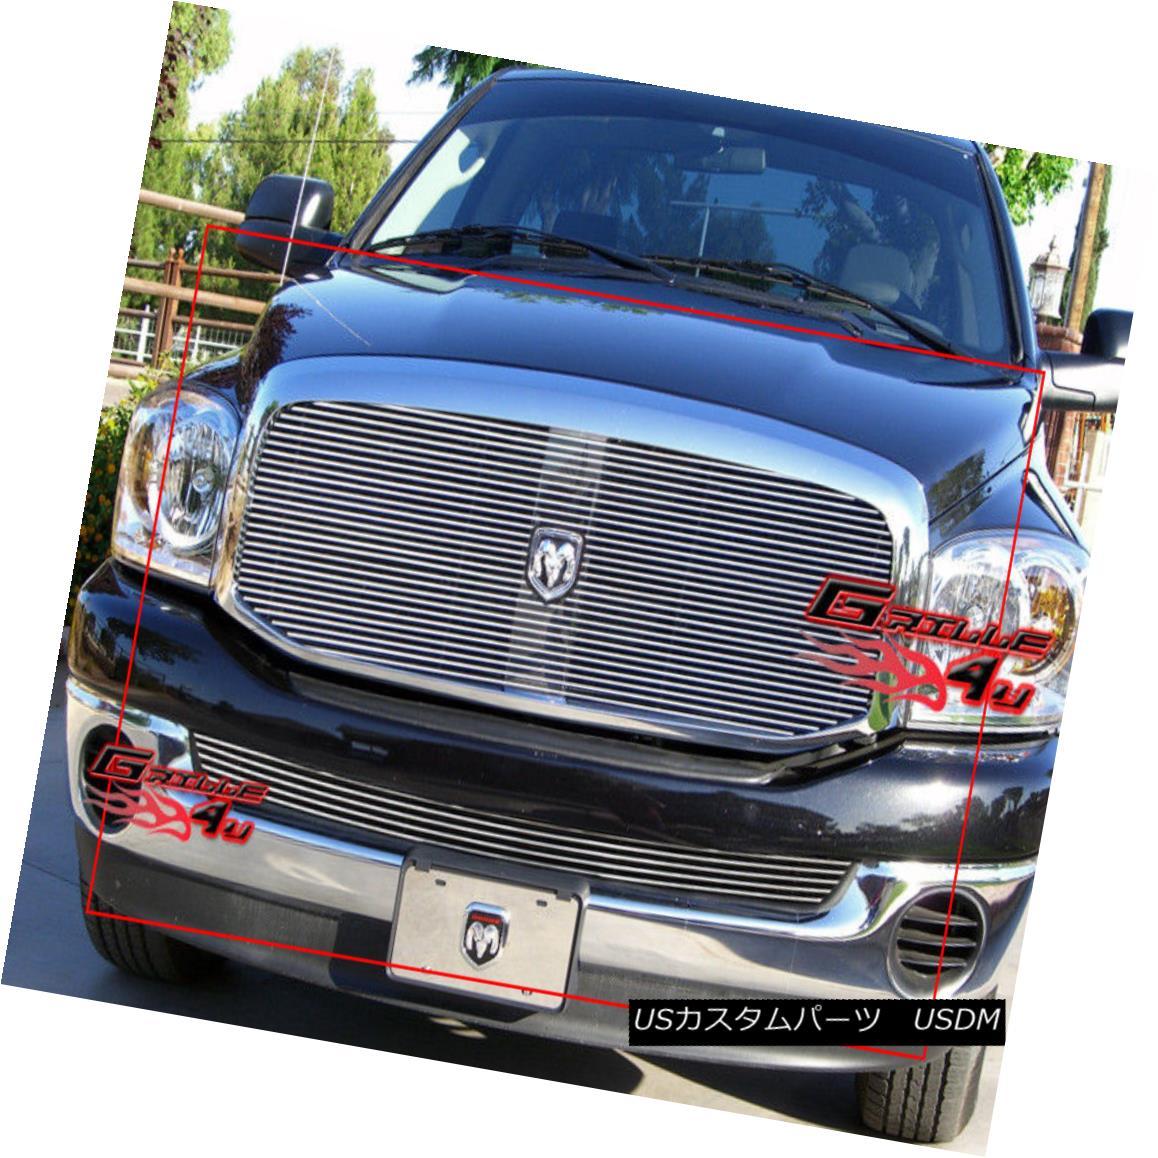 グリル For 06-08 Dodge Ram Pickup Billet Grille Combo Insert 06-08ダッジラムピックアップビレットグリルコンボインサート